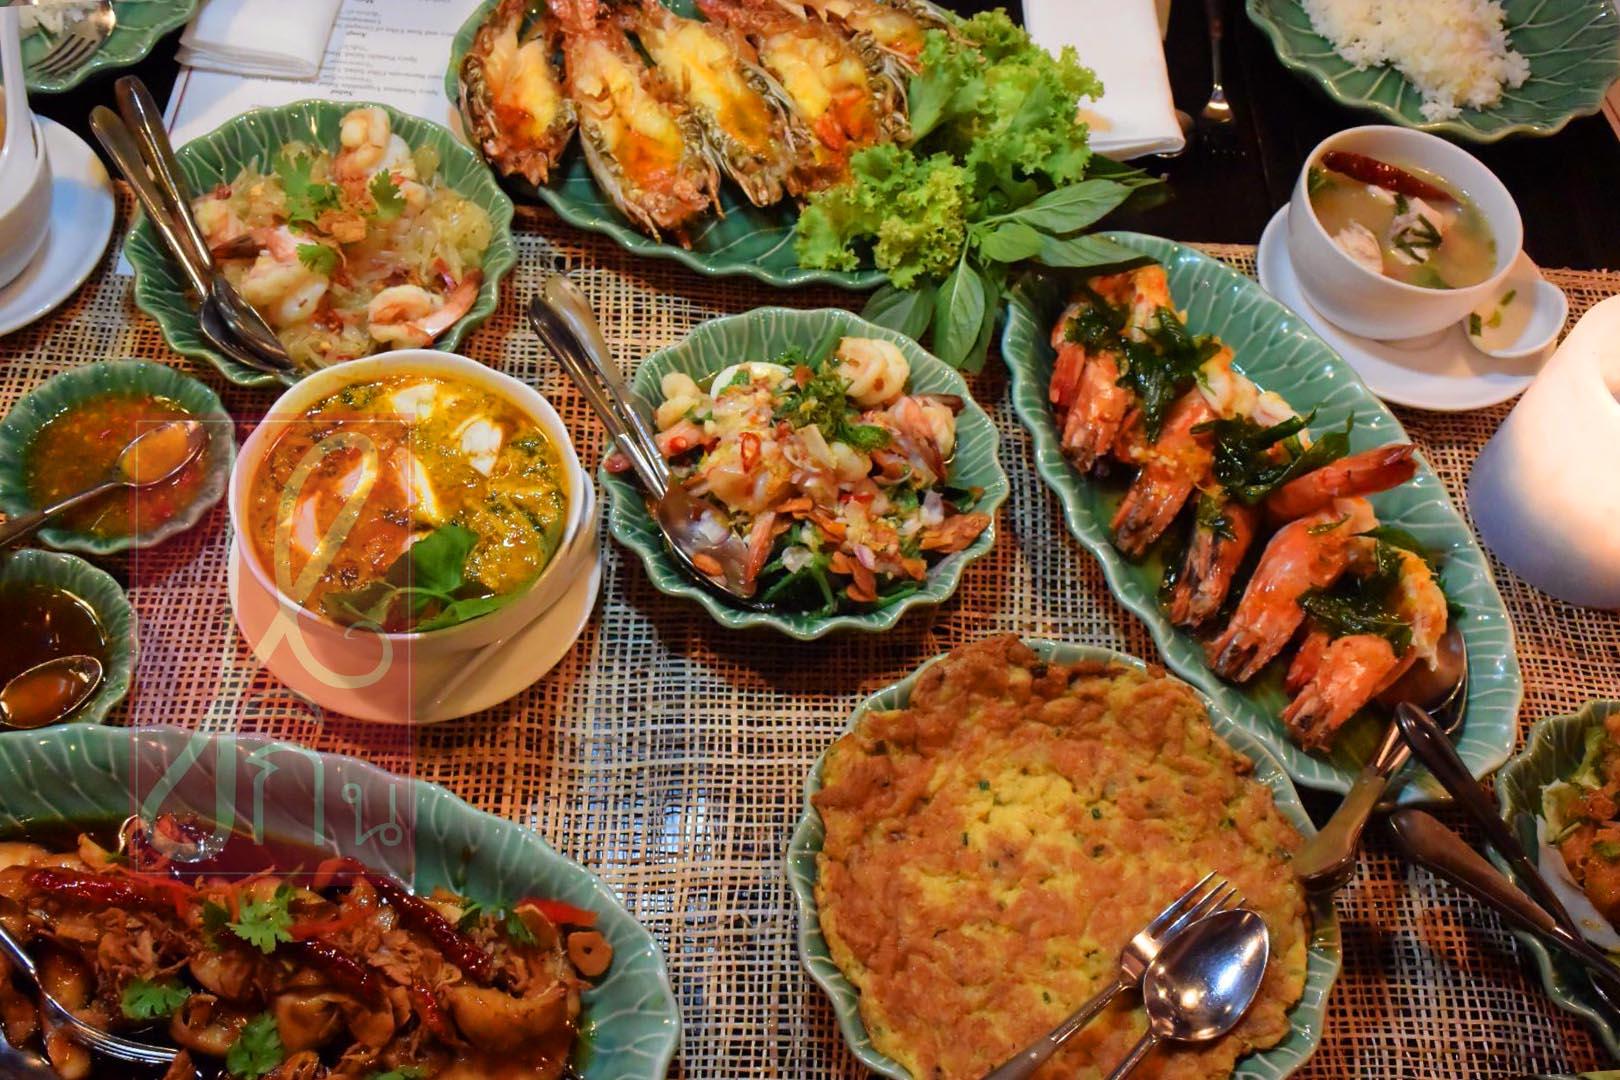 erawan_tearoom_sustainable_seafood_4798